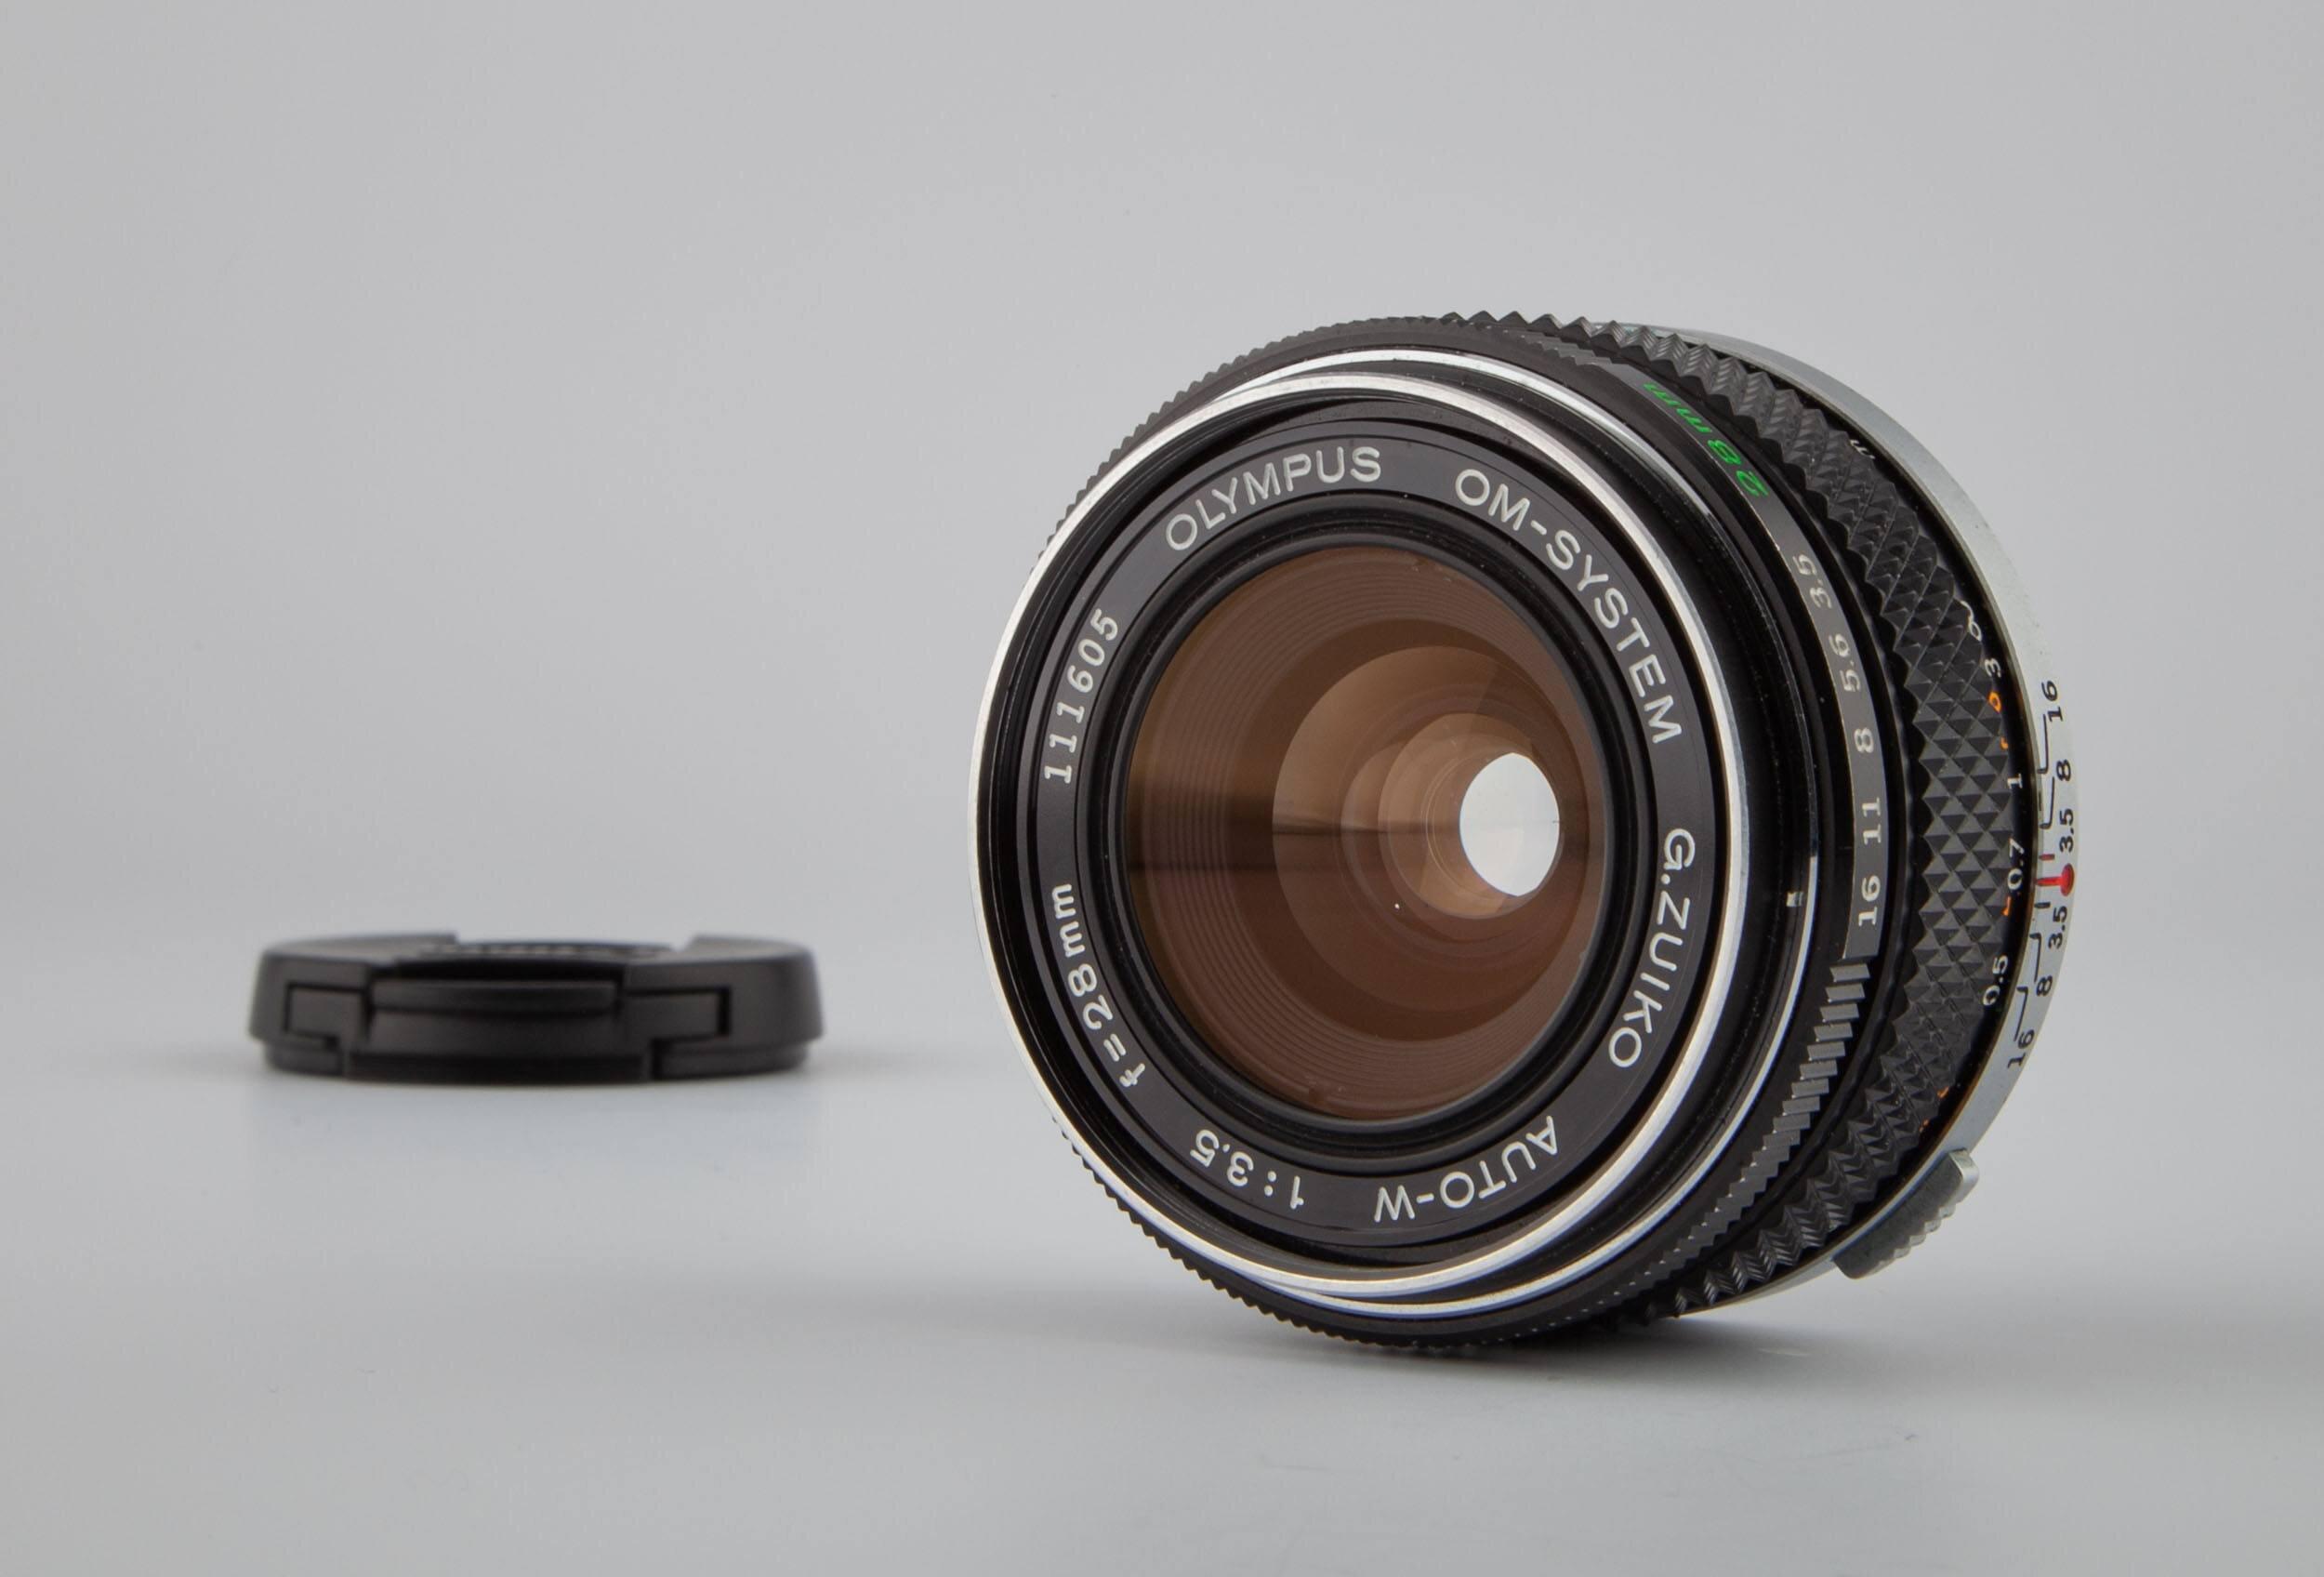 Olympus OM-System G.Zuiko Auto-W 28mm F3,5